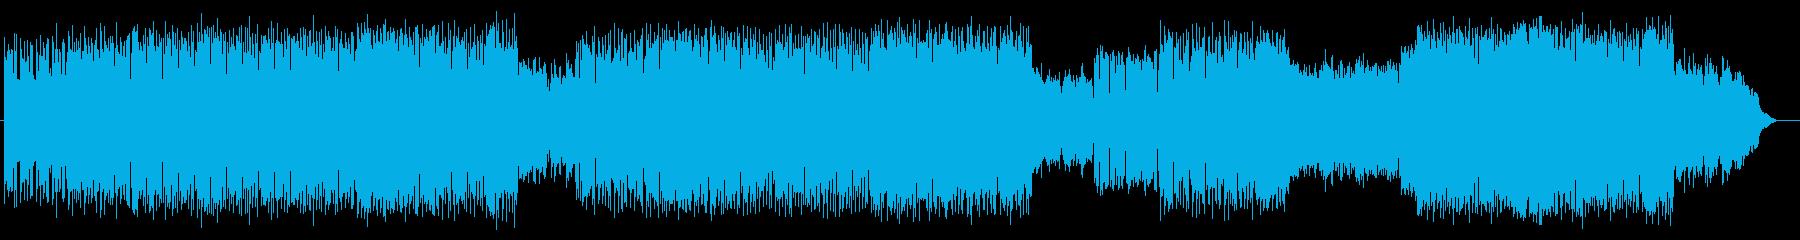 スピード感ある和風アップテンポポップスの再生済みの波形